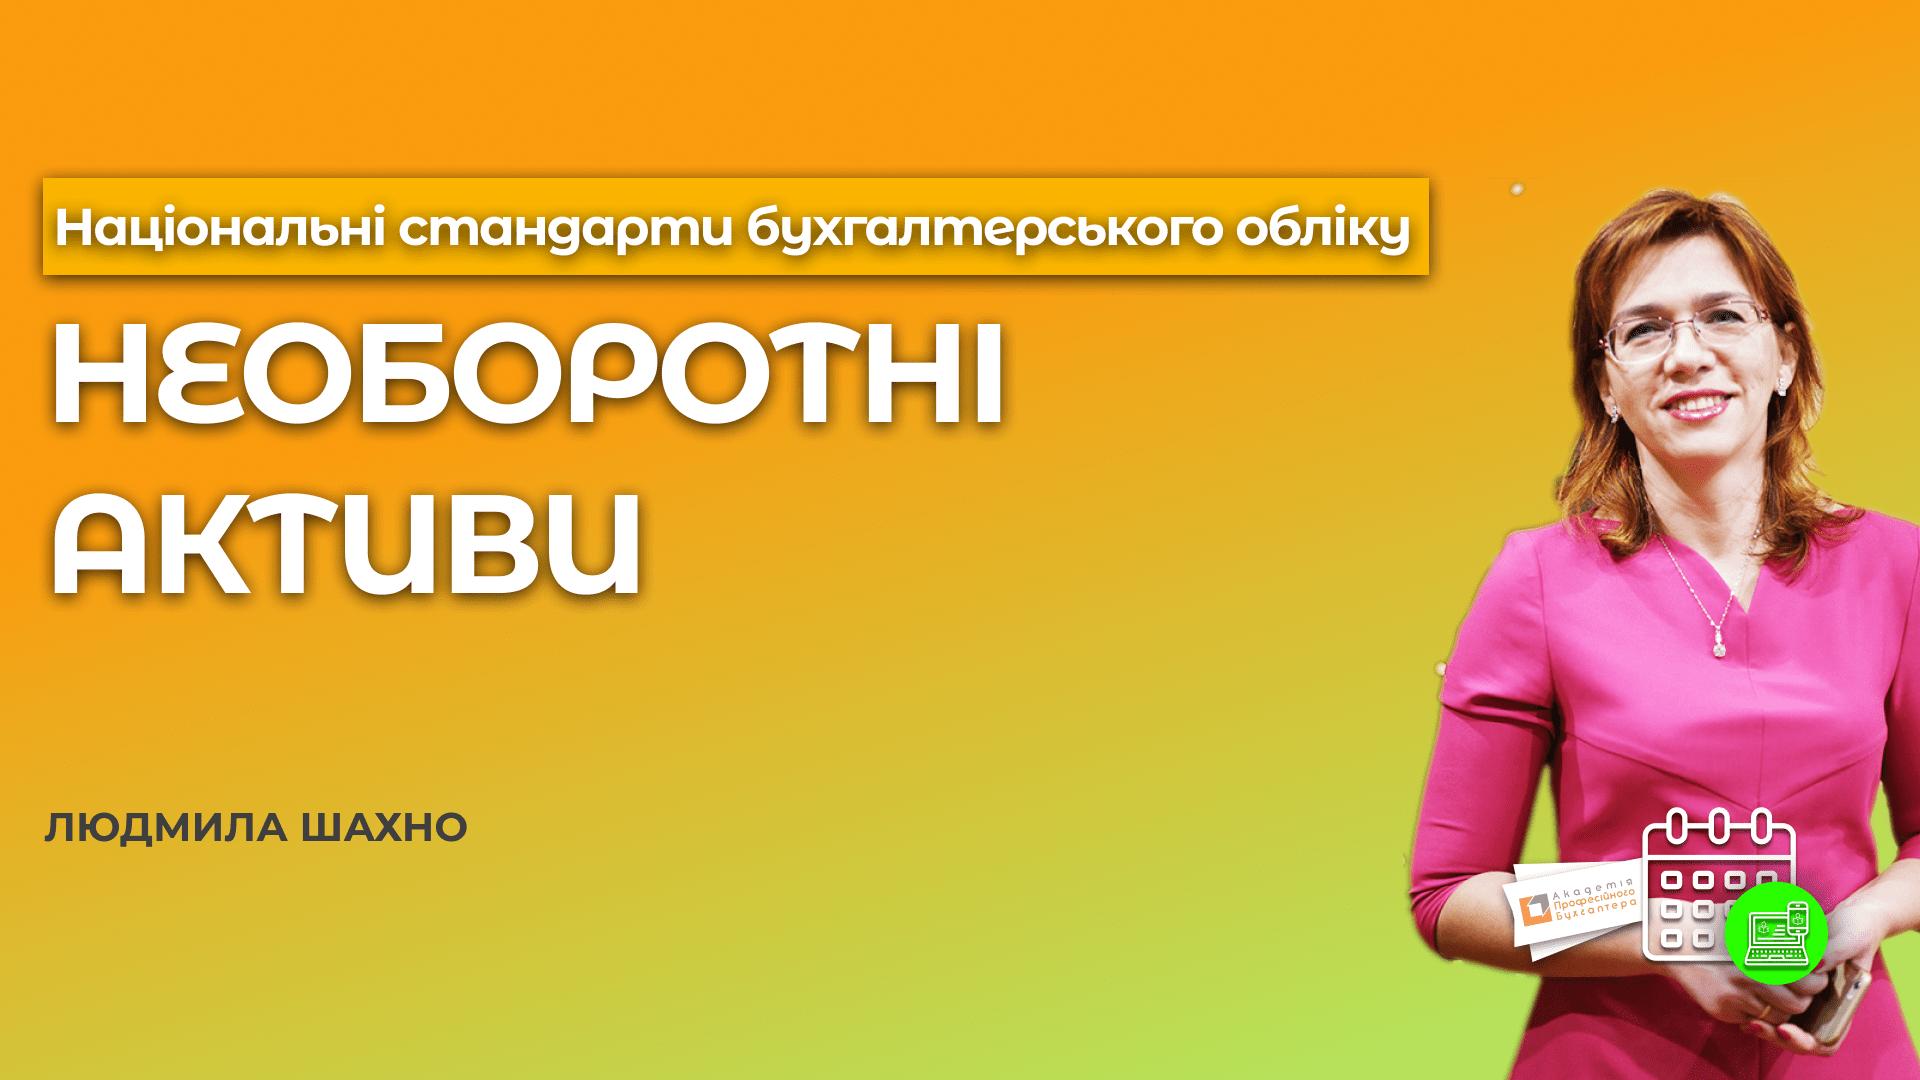 Необоротні активи НСБО Шахно Людмила